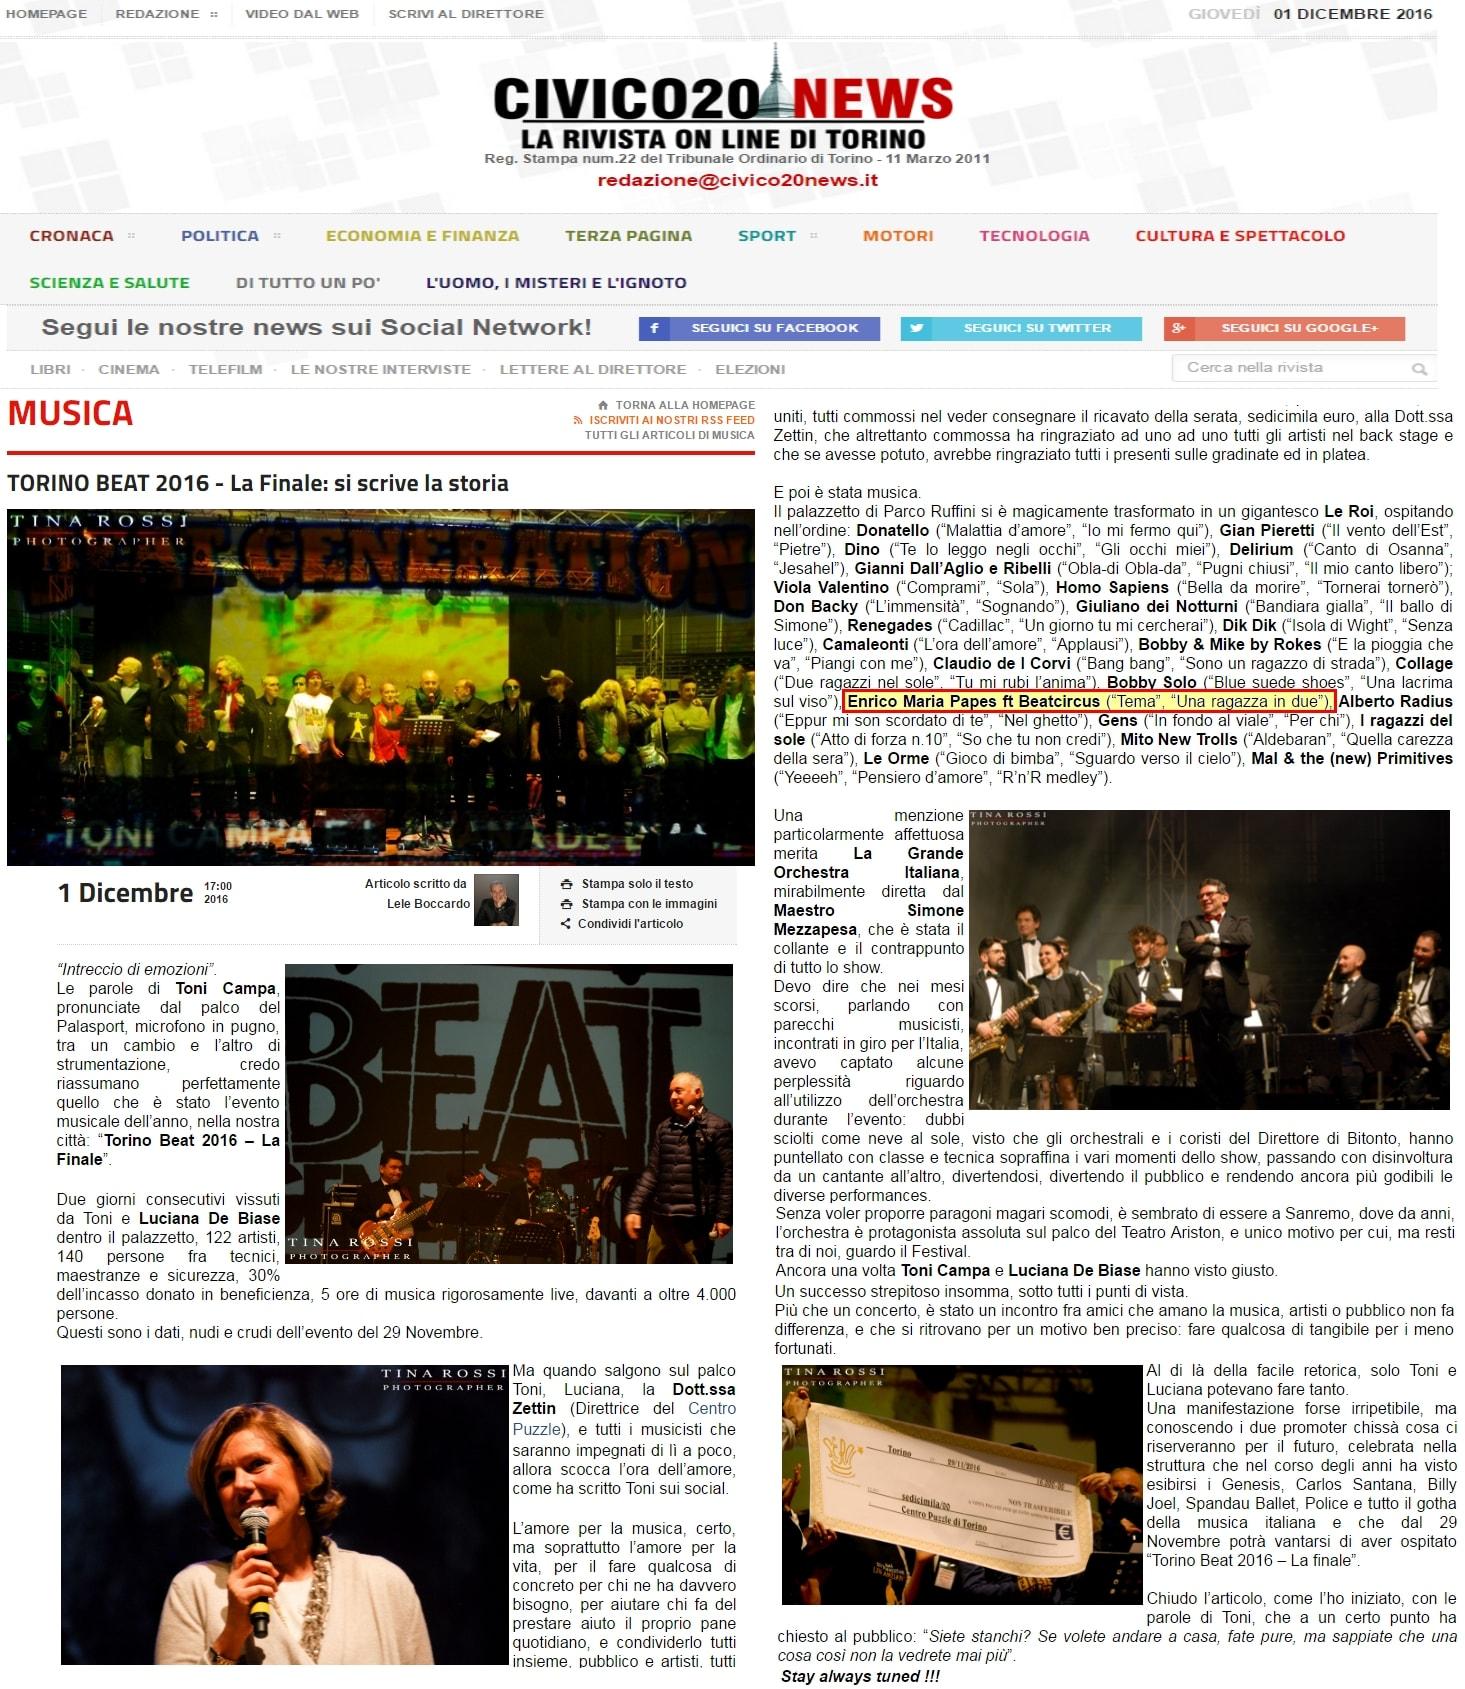 Articolo Civico Torino Beat 2016 la Finale giovedi 1 dicembre 2016